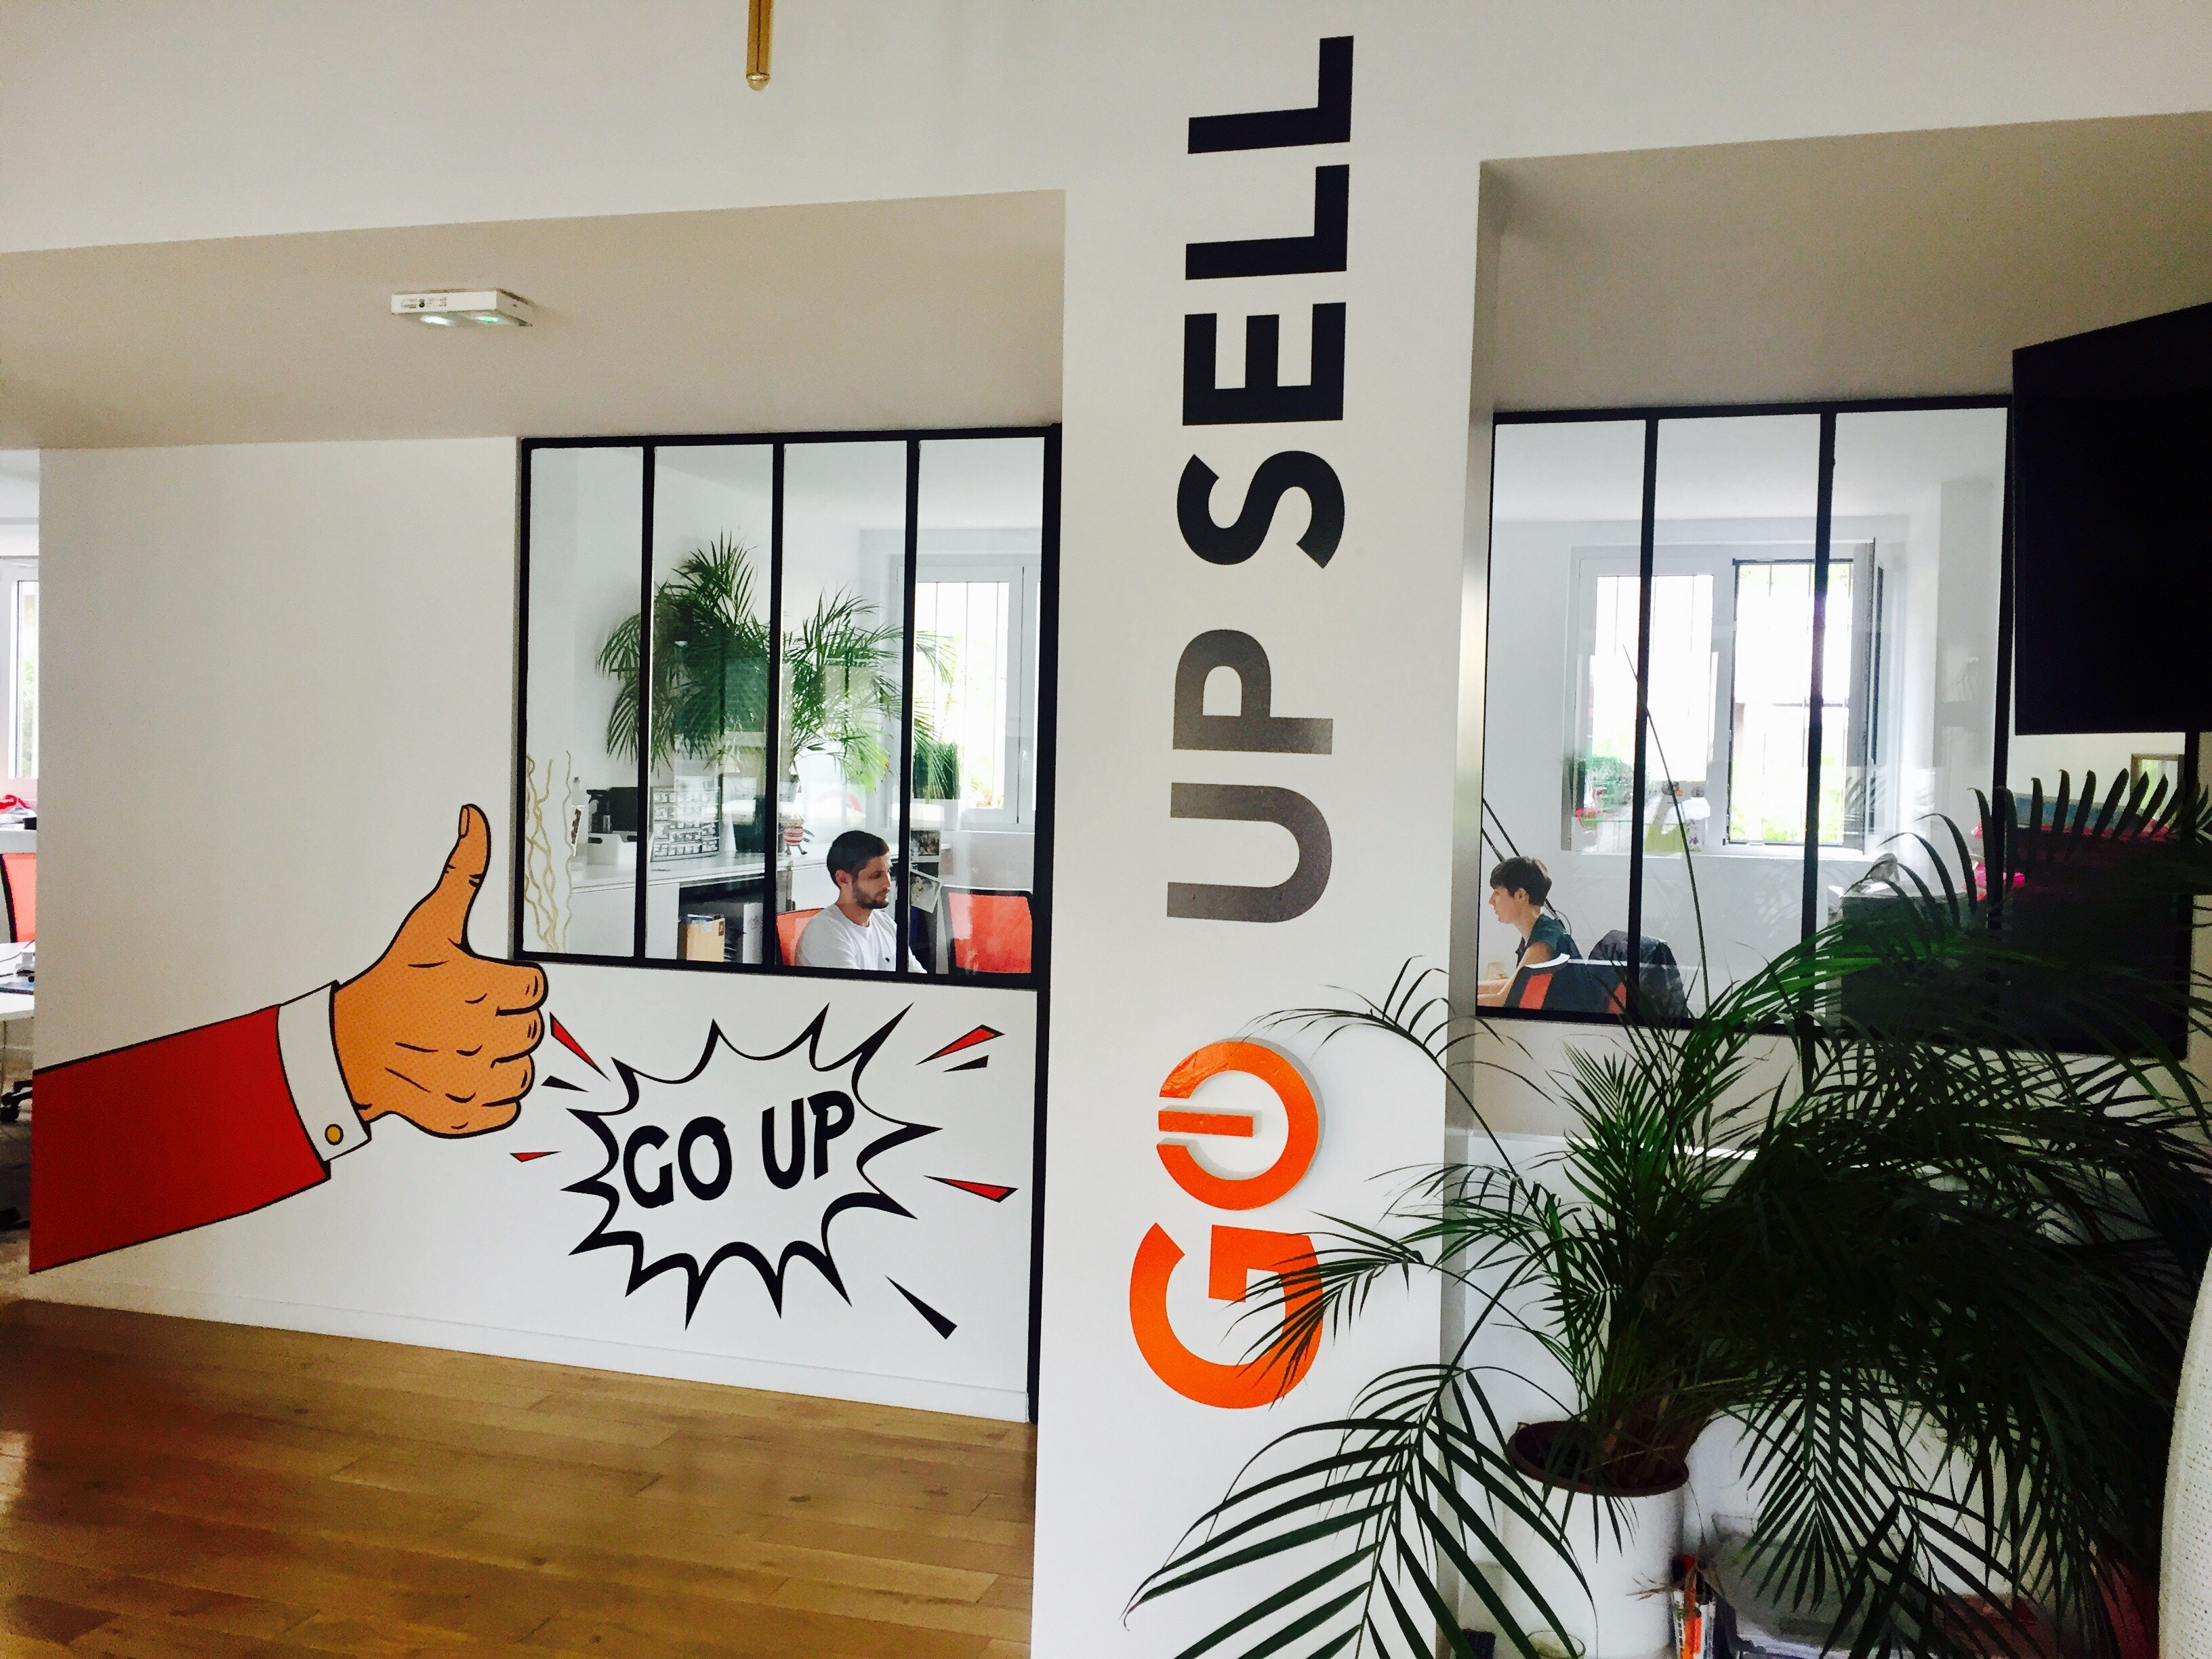 Upsell, expert de la force de vente externalisée, recrutement un(e) Responsable communication pour développer l'image d'Upsell en interne et en externe